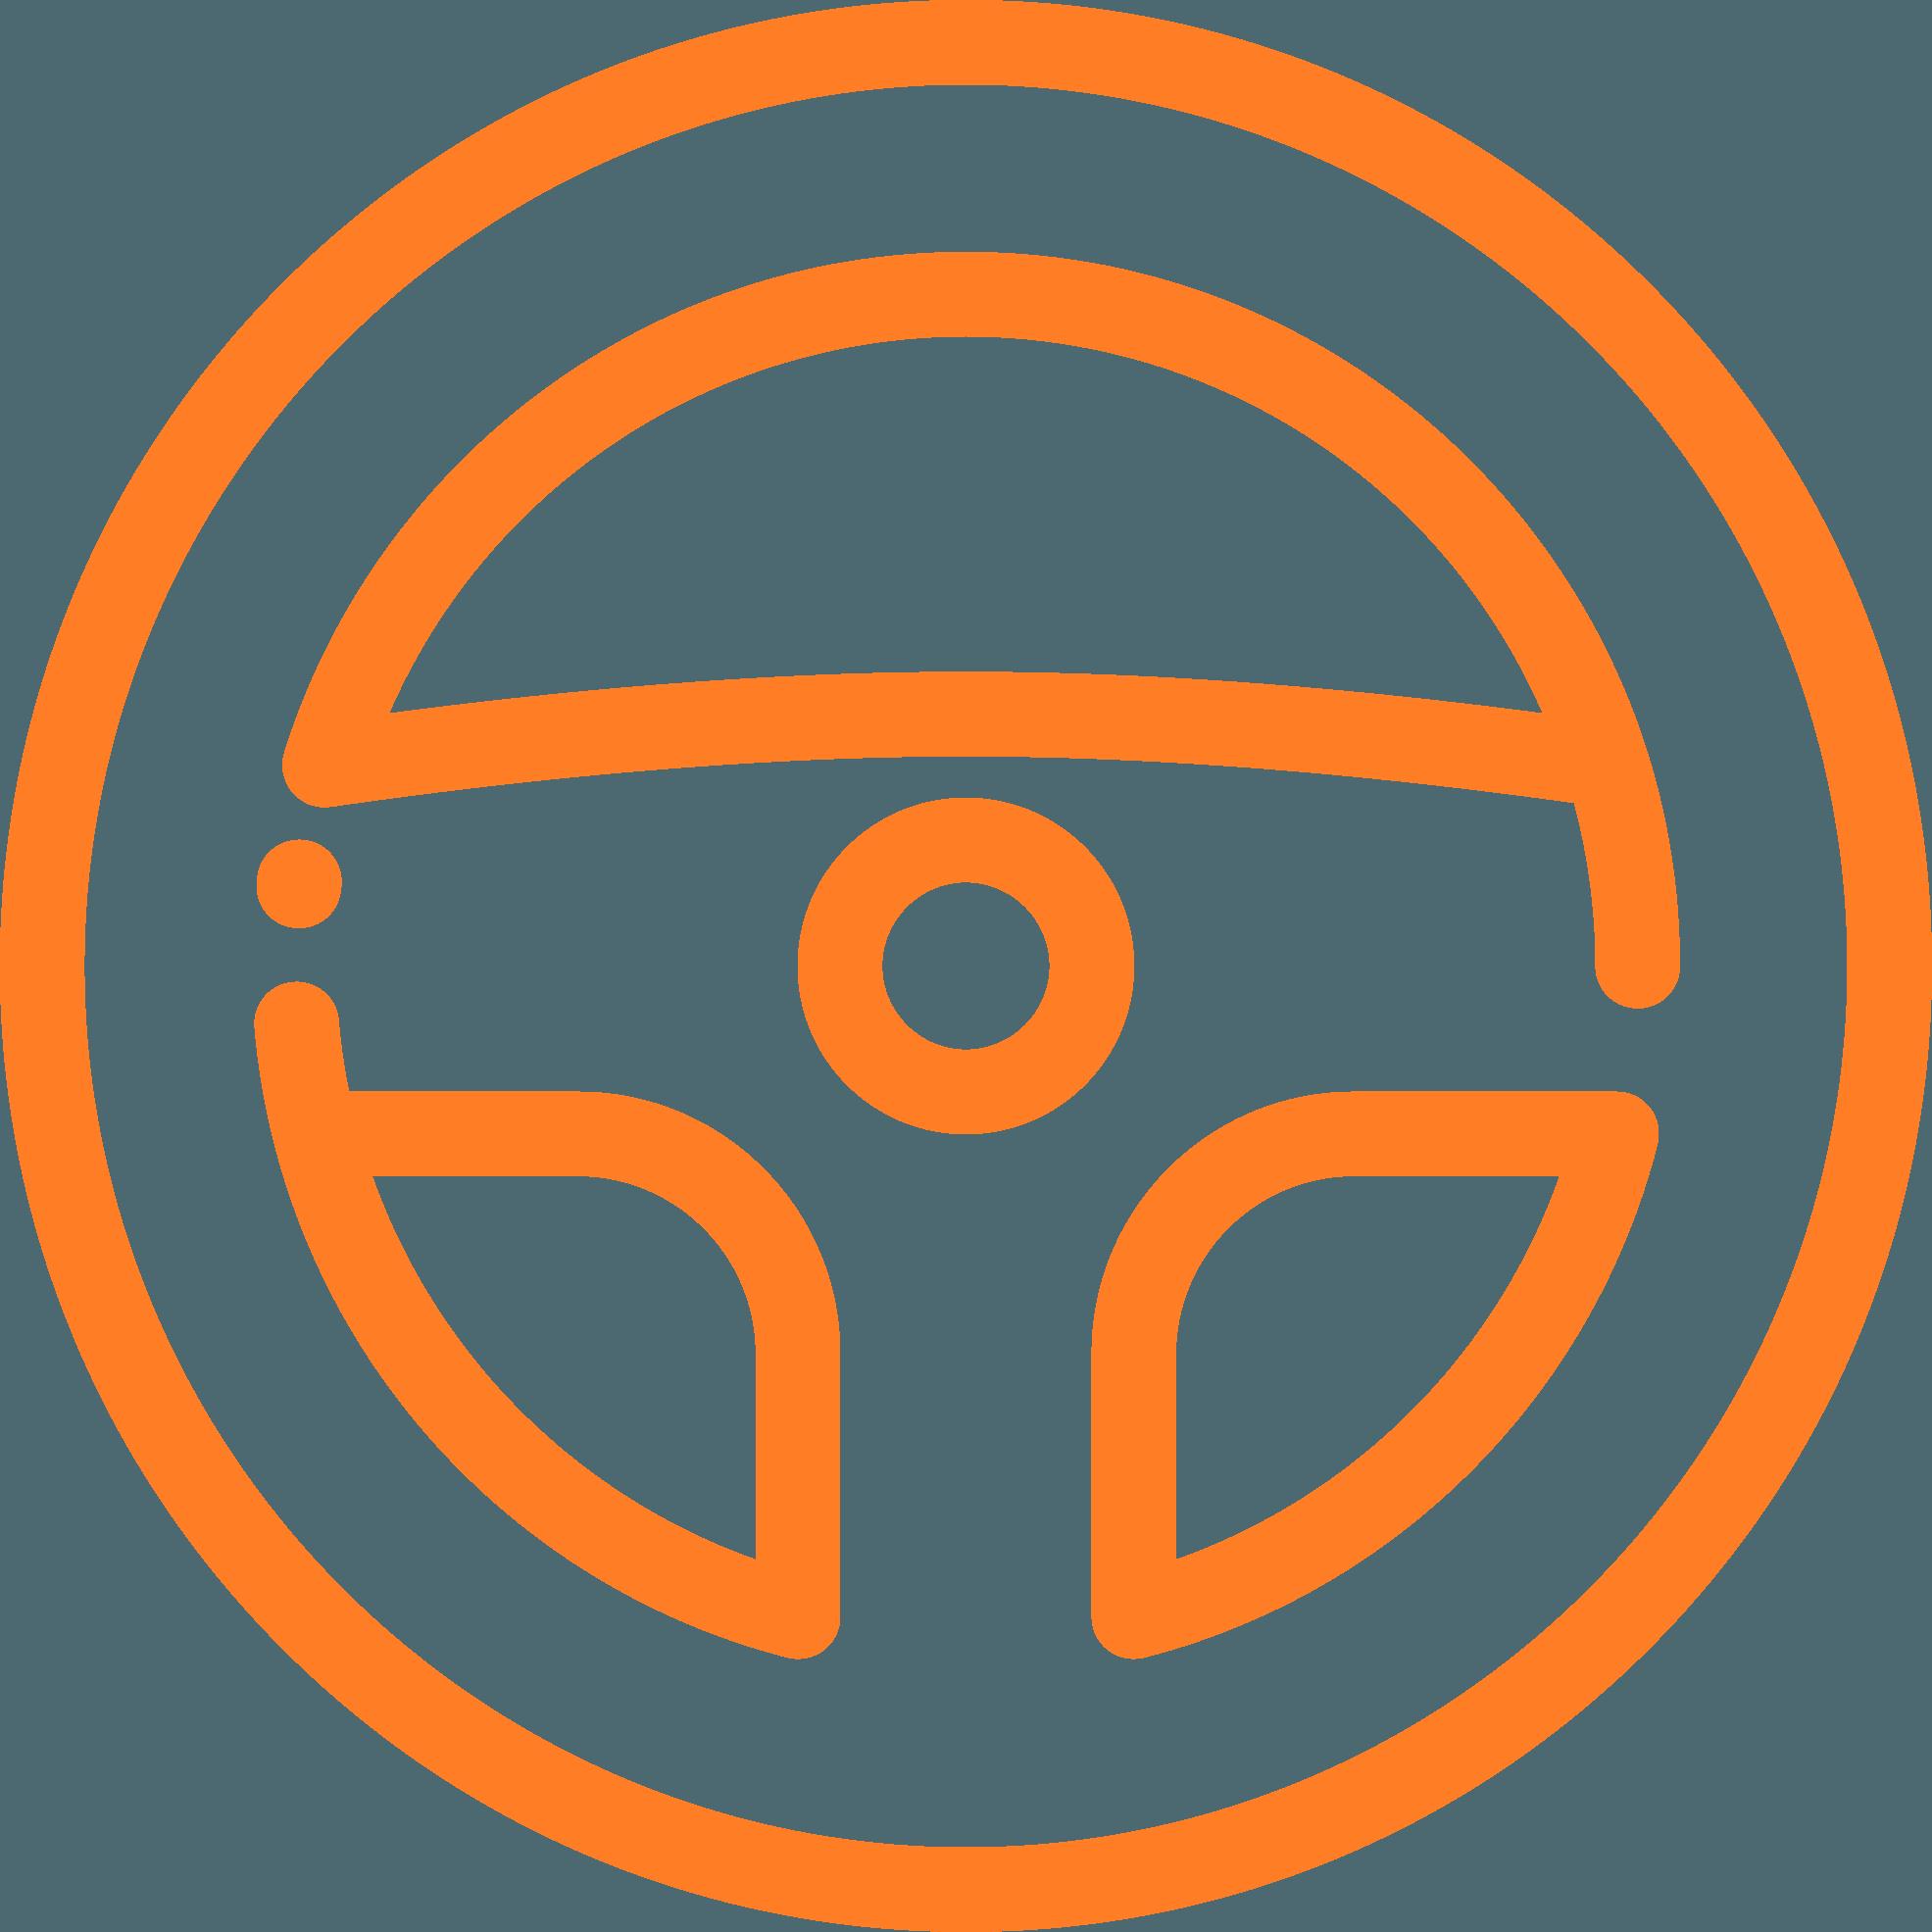 icon_wheel